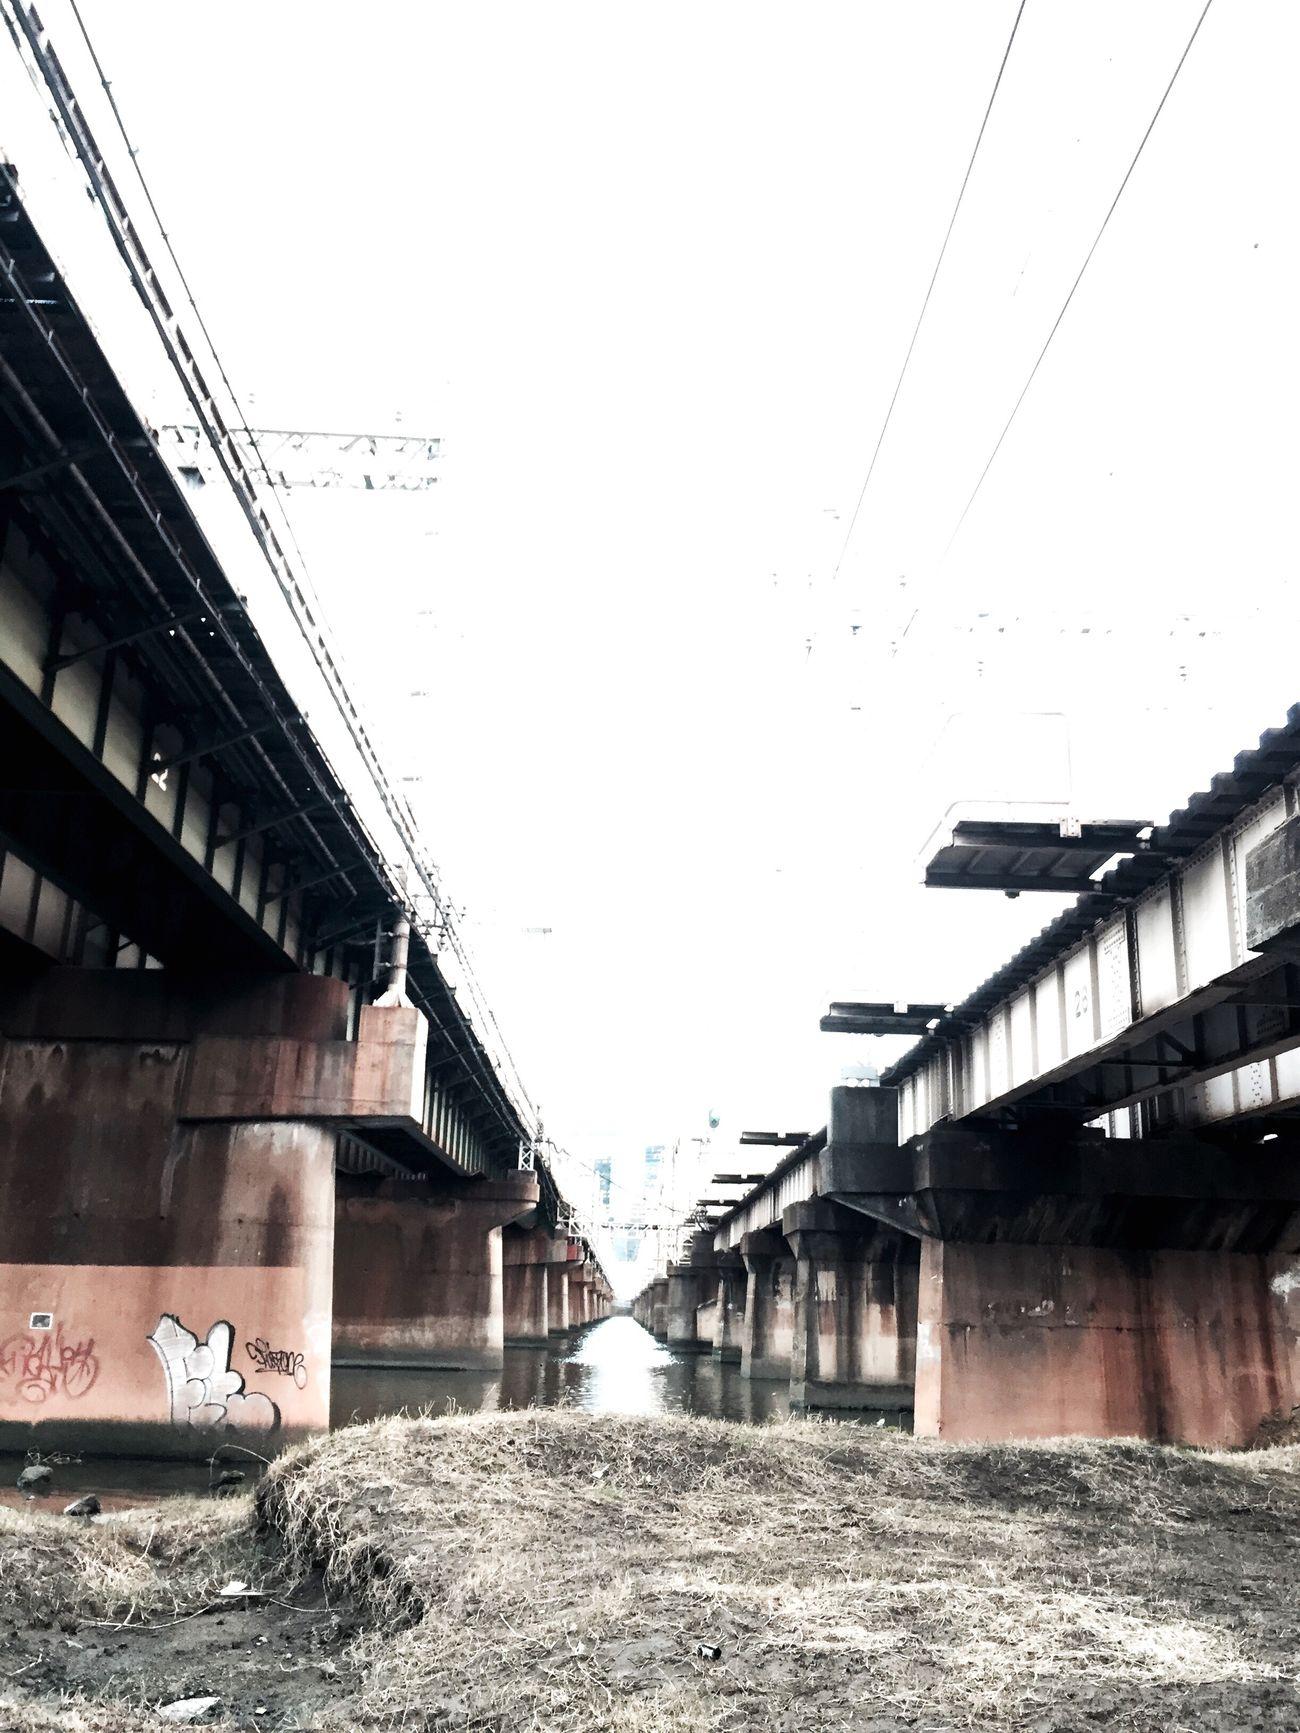 十三 河川敷 阪急電車 ランニング いつかちゃんと走れるように下ごしらえ大切!